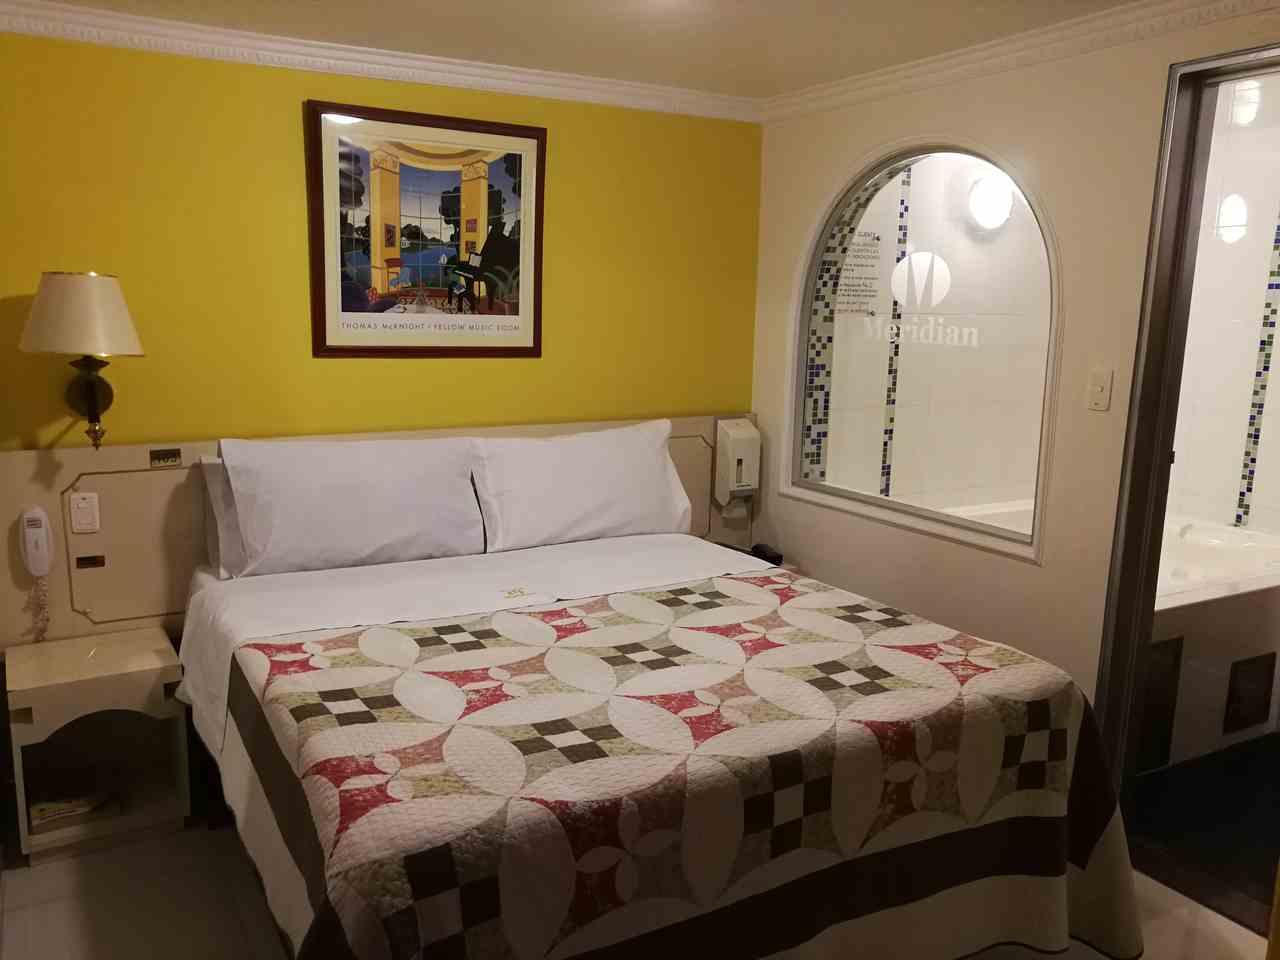 Habitación Suite Armonía en Nuevo Meridian : MotelNow